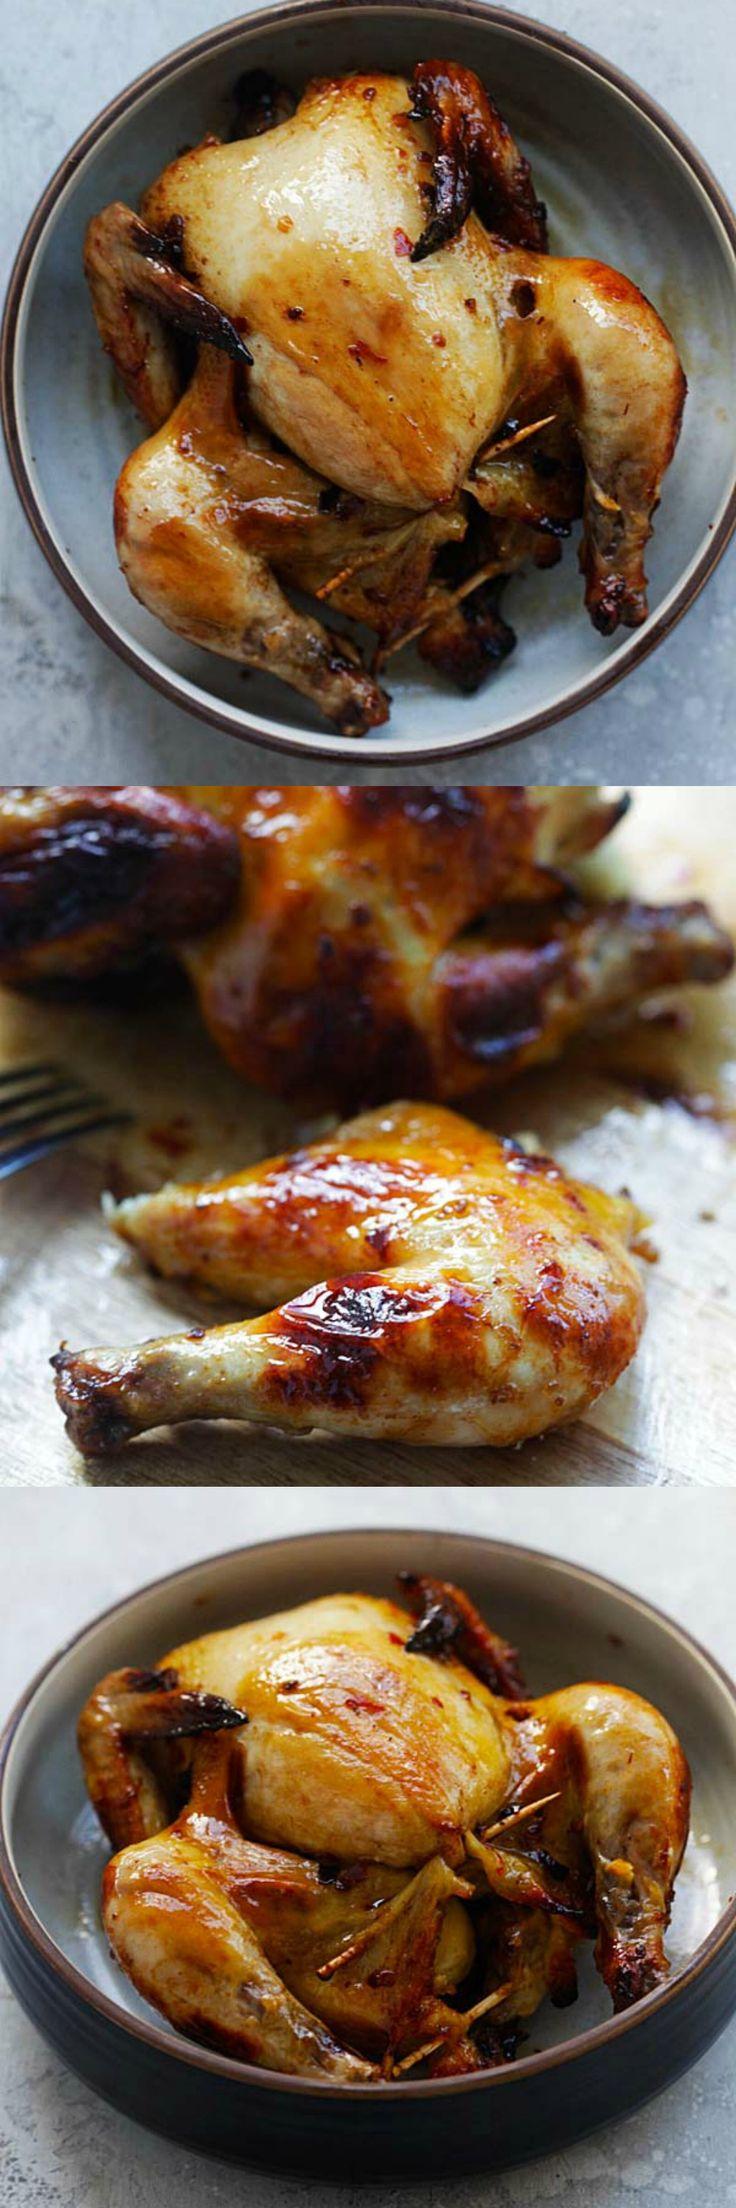 Spicy Honey Roasted Cornish Hen – tender, juicy and perfectly roasted Cornish Hen with honey and spices. So good you'll eat the whole bird | rasamalaysia.com